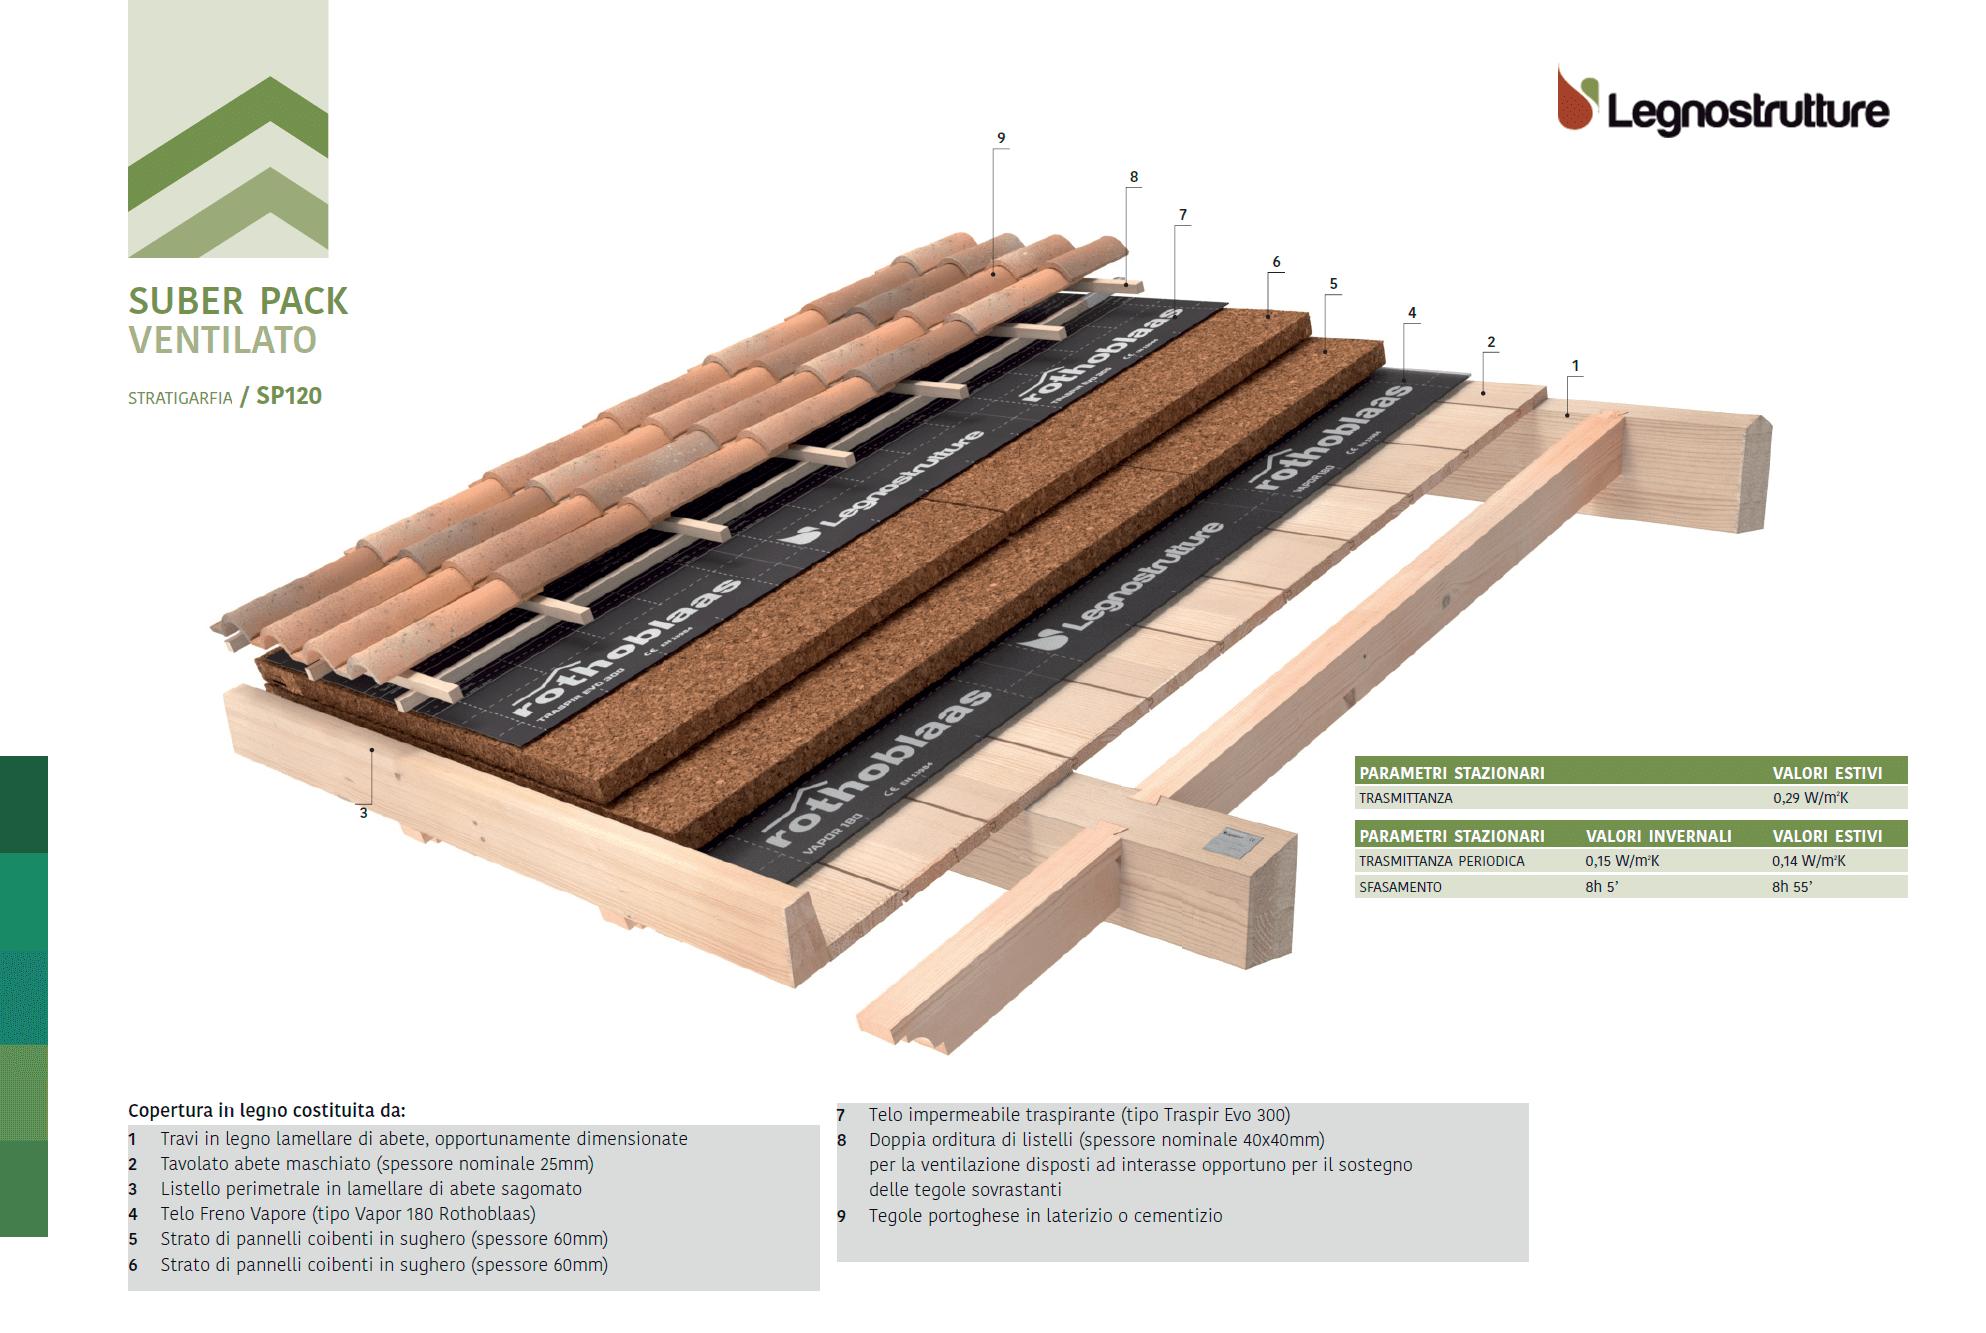 Stratigrafia tetto in legno Suber Pack Ventilato